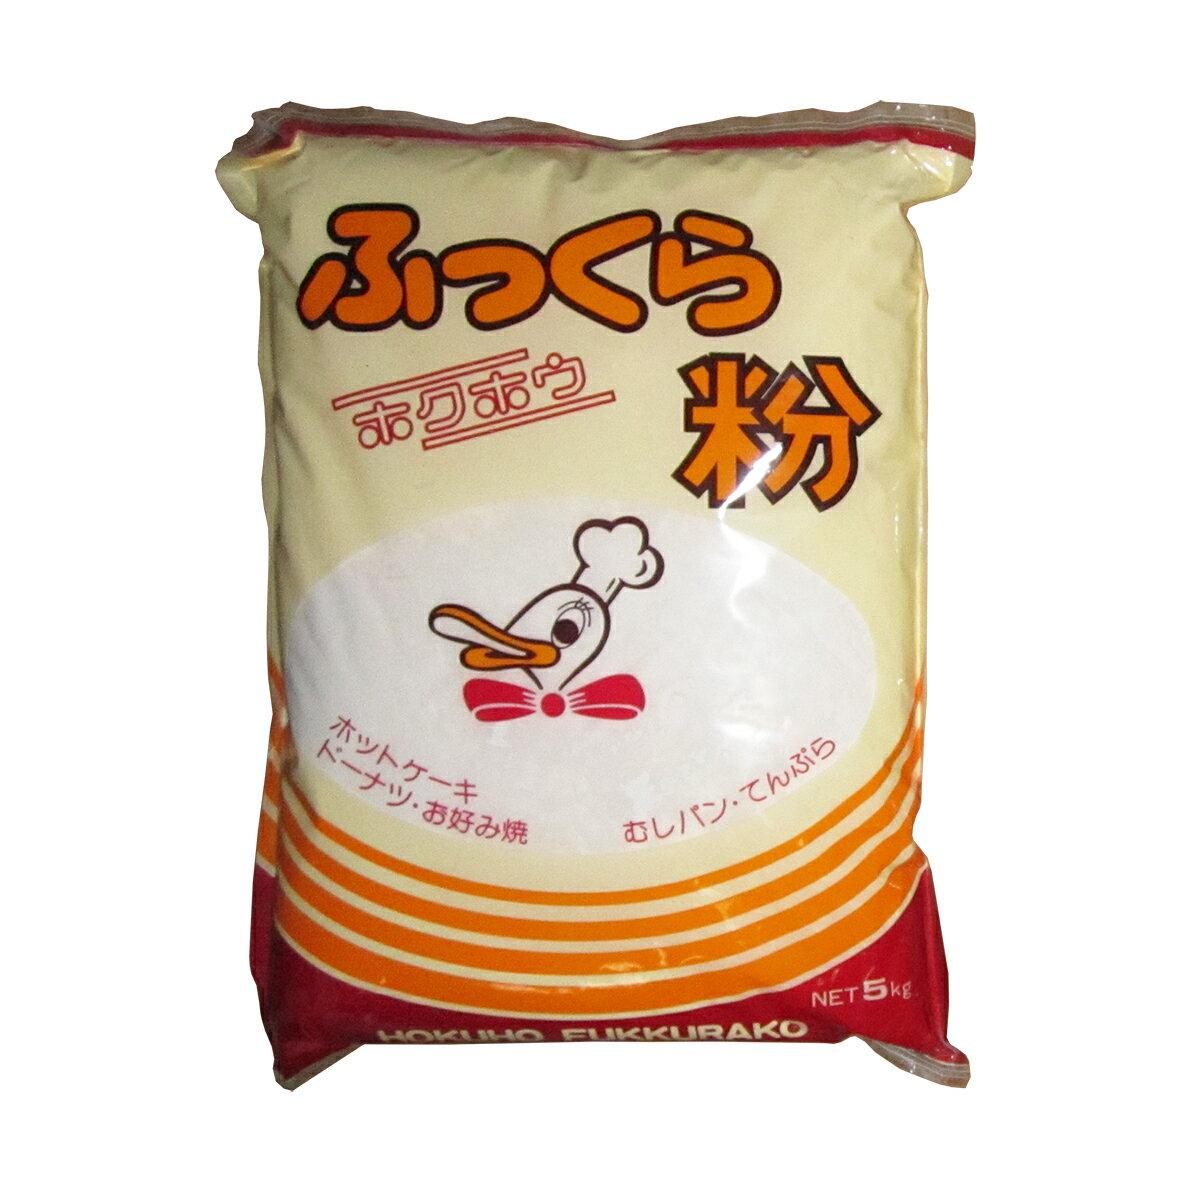 ミックス粉 ふっくら粉 5kg ホクホウ 北海道...の商品画像